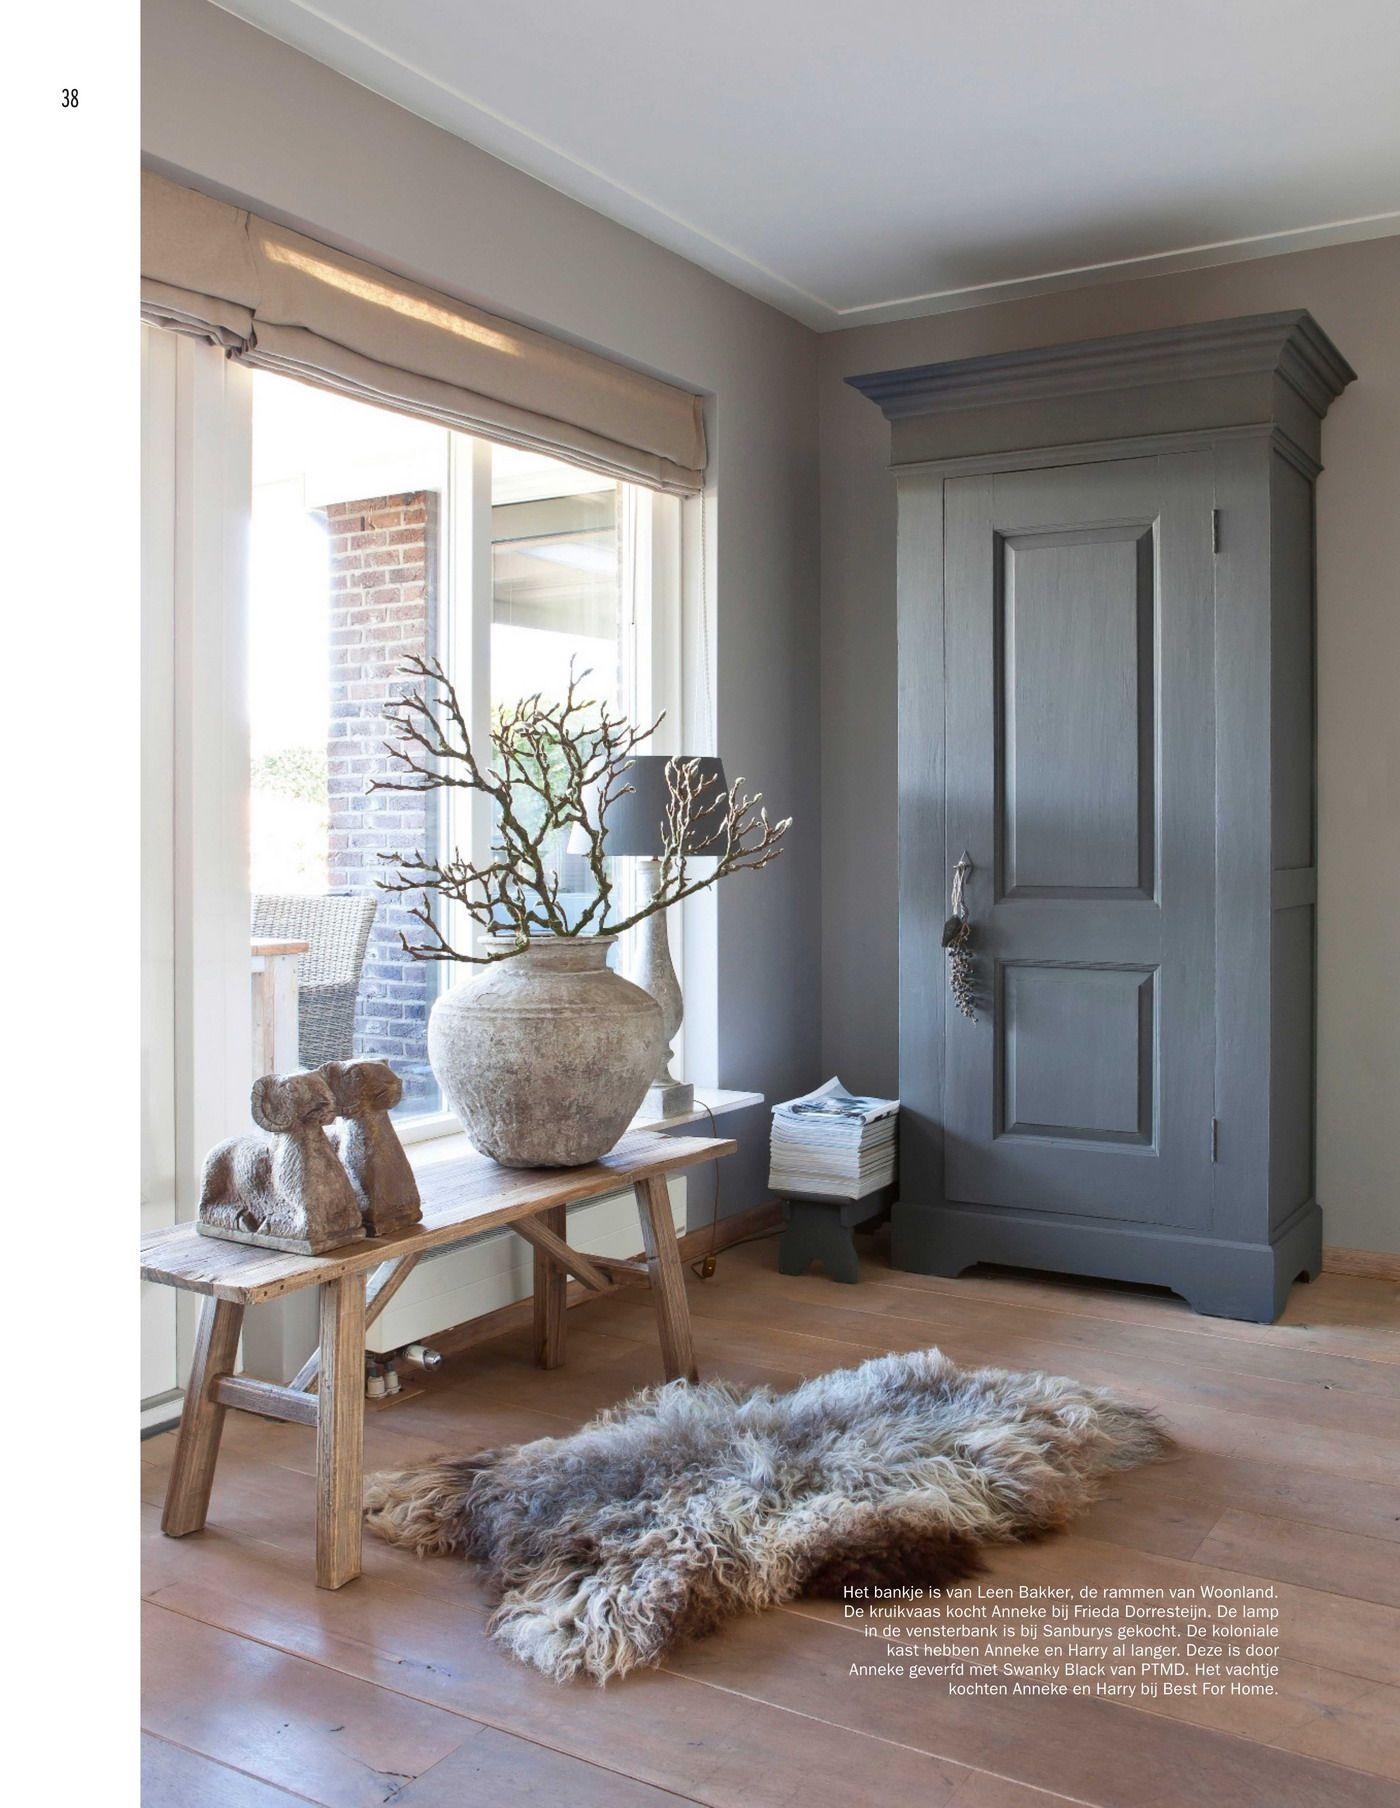 Wonen landelijke stijl vtwonen designbeurs huis for Huis interieur ideeen